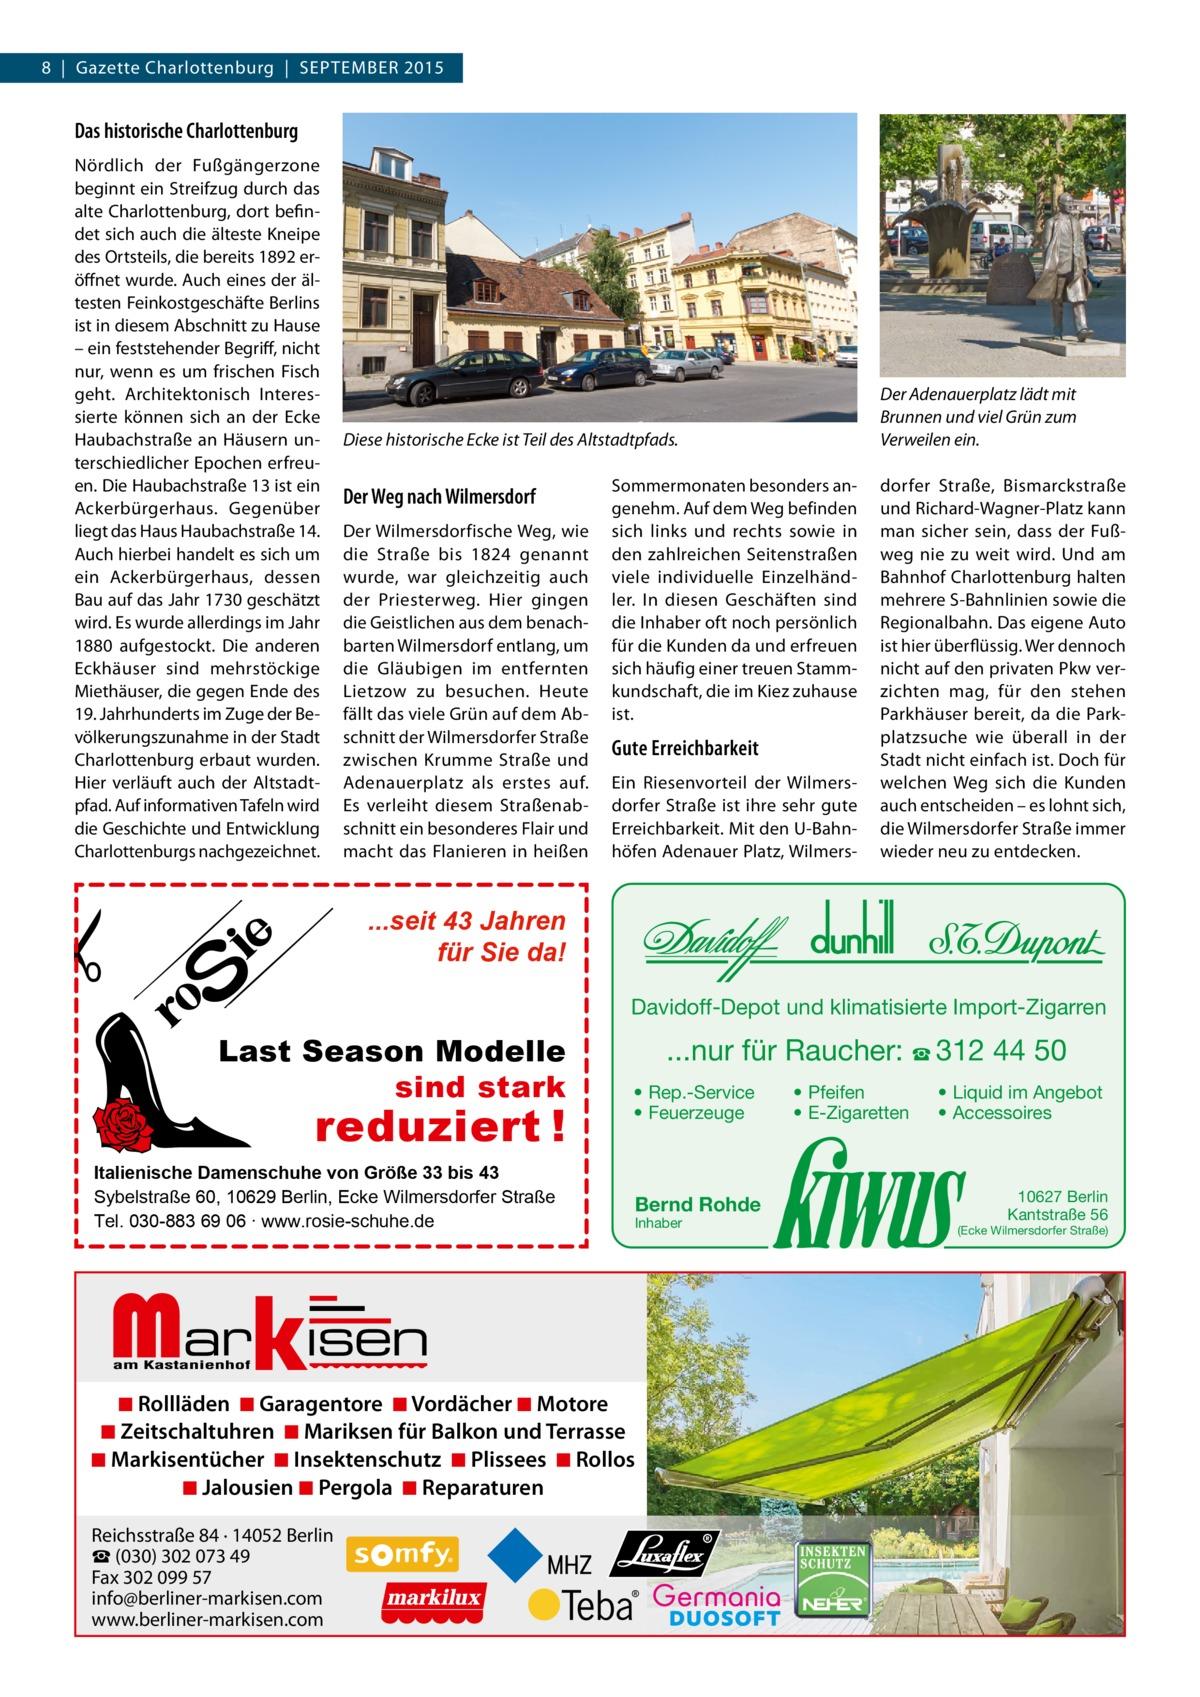 8|Gazette Charlottenburg|SEPTEMBER 2015  Das historische Charlottenburg Nördlich der Fußgängerzone beginnt ein Streifzug durch das alte Charlottenburg, dort befindet sich auch die älteste Kneipe des Ortsteils, die bereits 1892 eröffnet wurde. Auch eines der ältesten Feinkostgeschäfte Berlins ist in diesem Abschnitt zu Hause – ein feststehender Begriff, nicht nur, wenn es um frischen Fisch geht. Architektonisch Interessierte können sich an der Ecke Haubachstraße an Häusern unterschiedlicher Epochen erfreuen. Die Haubachstraße13 ist ein Ackerbürgerhaus. Gegenüber liegt das Haus Haubachstraße14. Auch hierbei handelt es sich um ein Ackerbürgerhaus, dessen Bau auf das Jahr 1730 geschätzt wird. Es wurde allerdings im Jahr 1880 aufgestockt. Die anderen Eckhäuser sind mehrstöckige Miethäuser, die gegen Ende des 19. Jahrhunderts im Zuge der Bevölkerungszunahme in der Stadt Charlottenburg erbaut wurden. Hier verläuft auch der Altstadtpfad. Auf informativen Tafeln wird die Geschichte und Entwicklung Charlottenburgs nachgezeichnet.  Der Adenauerplatz lädt mit Brunnen und viel Grün zum Verweilen ein.  Diese historische Ecke ist Teil des Altstadtpfads.  Der Weg nach Wilmersdorf Der Wilmersdorfische Weg, wie die Straße bis 1824 genannt wurde, war gleichzeitig auch der Priesterweg. Hier gingen die Geistlichen aus dem benachbarten Wilmersdorf entlang, um die Gläubigen im entfernten Lietzow zu besuchen. Heute fällt das viele Grün auf dem Abschnitt der Wilmersdorfer Straße zwischen Krumme Straße und Adenauerplatz als erstes auf. Es verleiht diesem Straßenabschnitt ein besonderes Flair und macht das Flanieren in heißen  Sommermonaten besonders angenehm. Auf dem Weg befinden sich links und rechts sowie in den zahlreichen Seitenstraßen viele individuelle Einzelhändler. In diesen Geschäften sind die Inhaber oft noch persönlich für die Kunden da und erfreuen sich häufig einer treuen Stammkundschaft, die im Kiez zuhause ist.  Gute Erreichbarkeit Ein Riesenvorteil der Wilmersdorfer Straße is